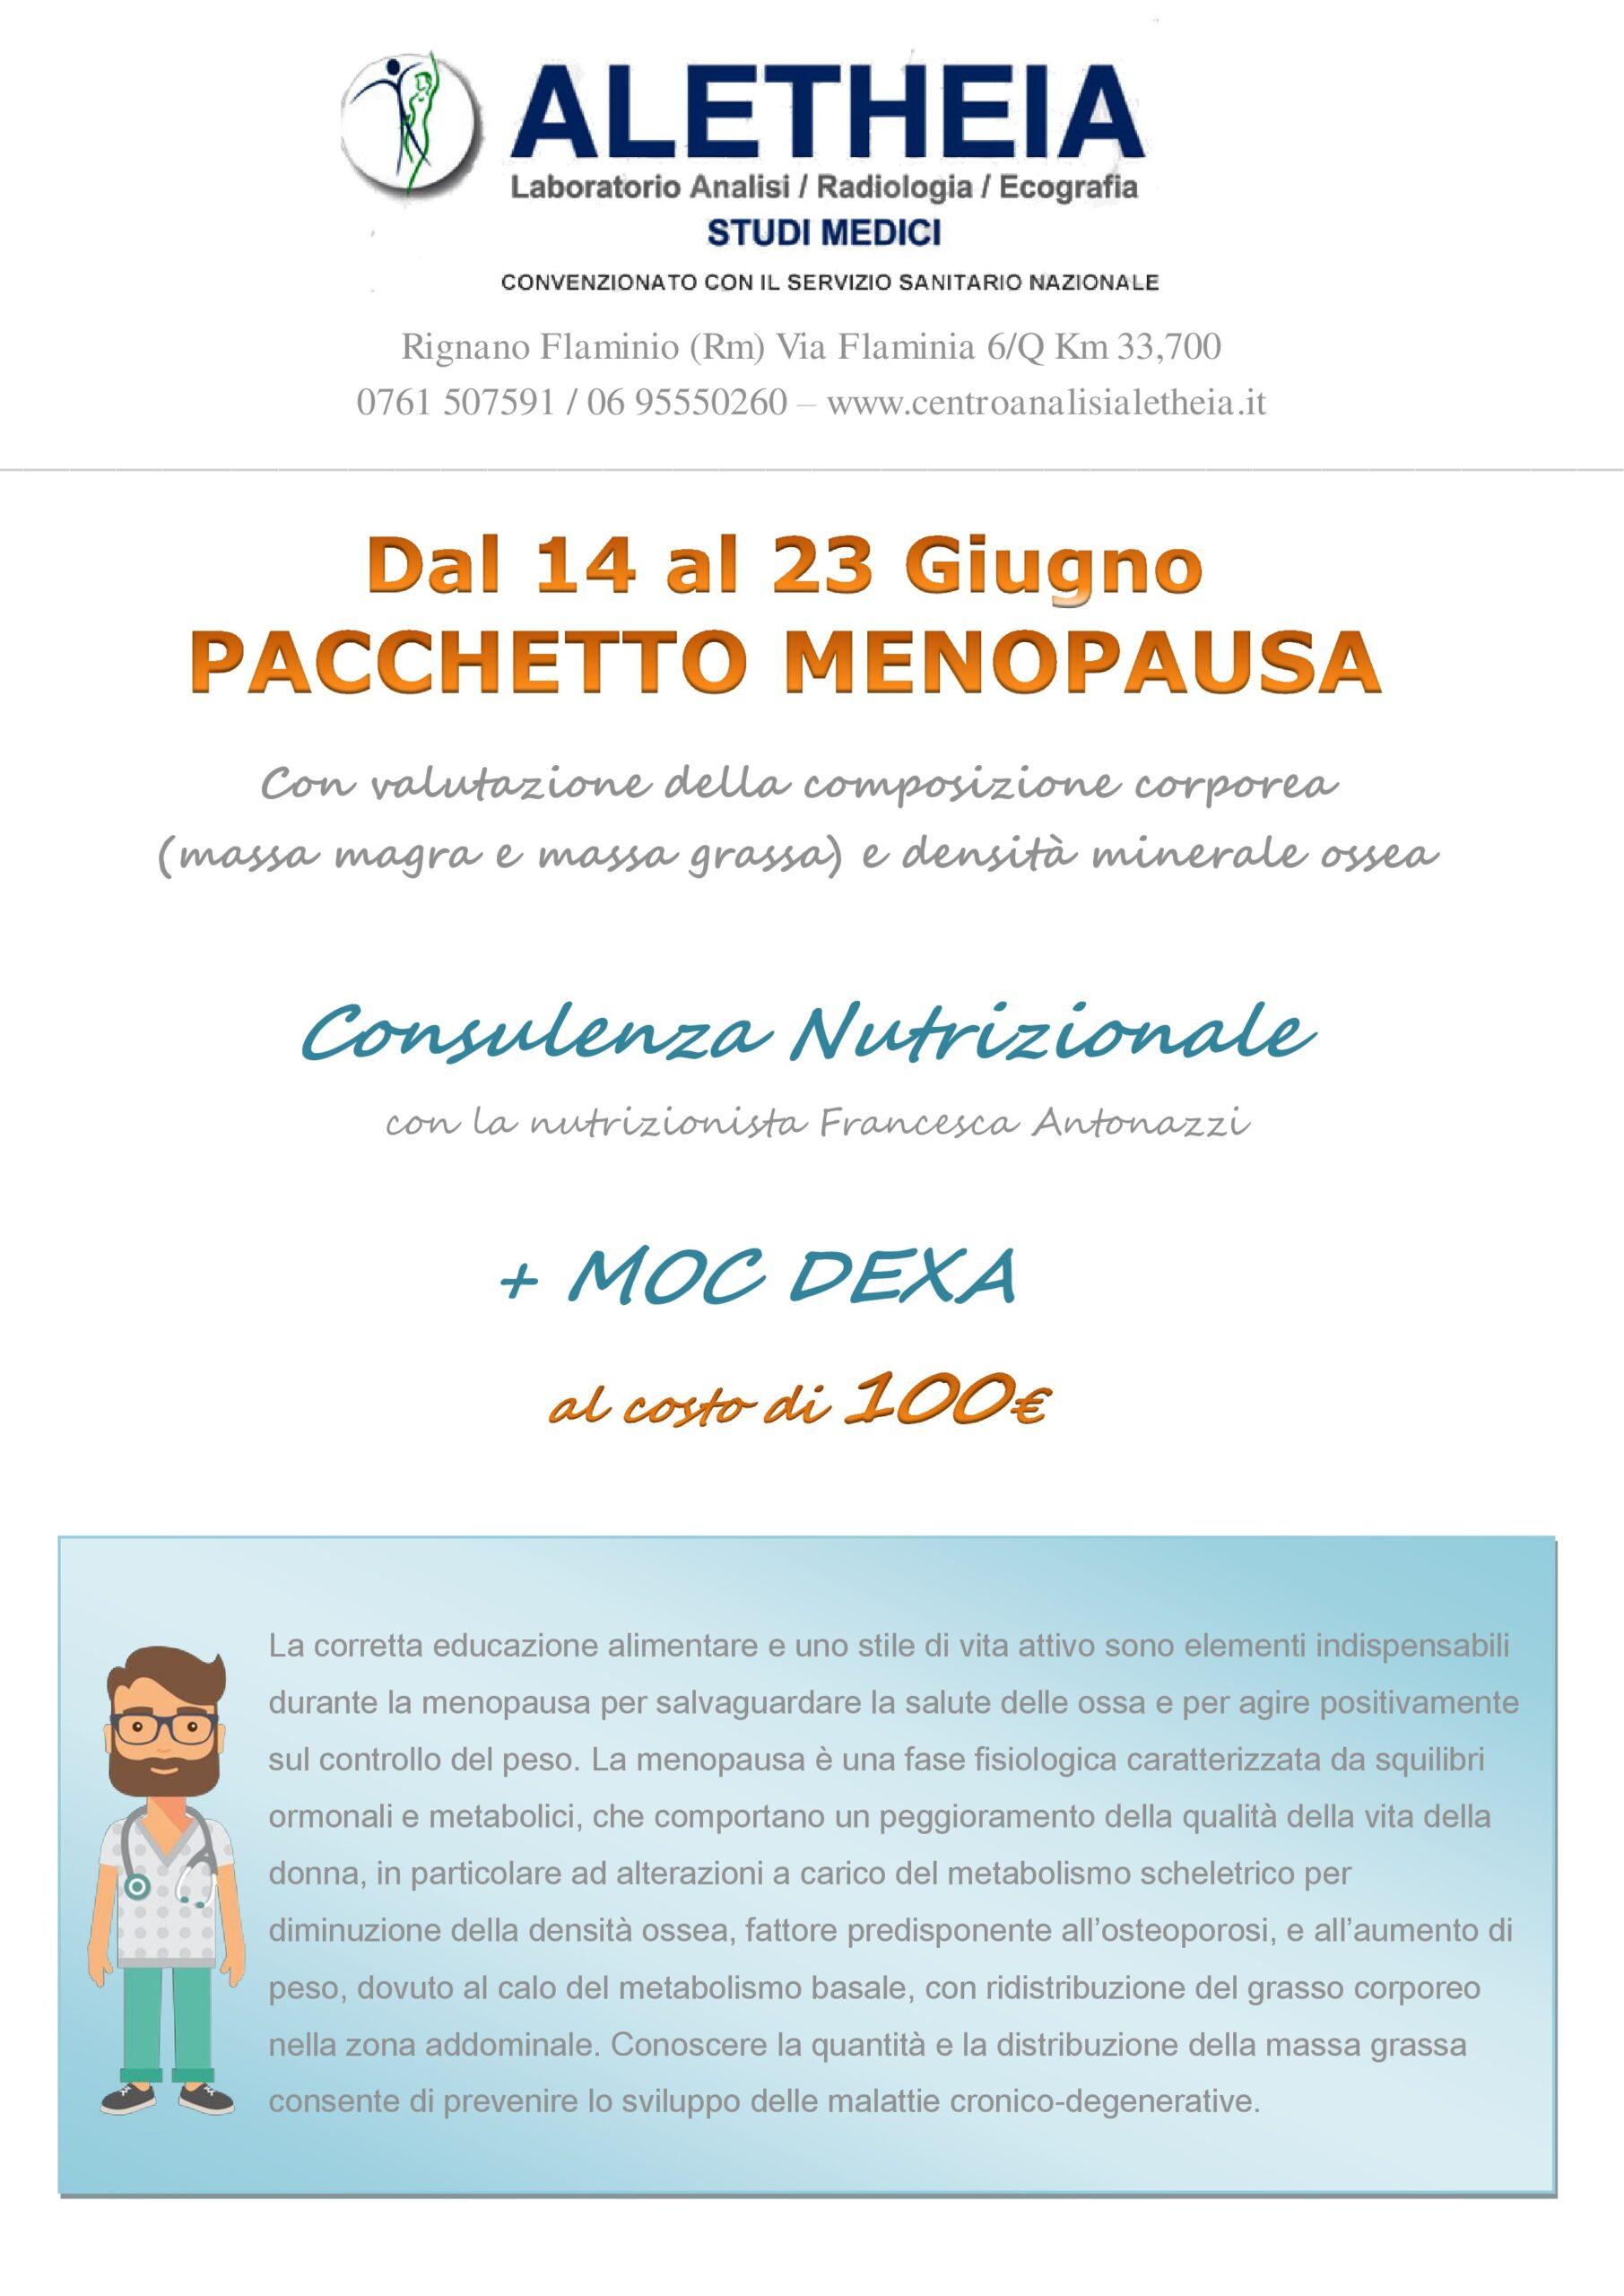 PACCHETTO MENOPAUSA